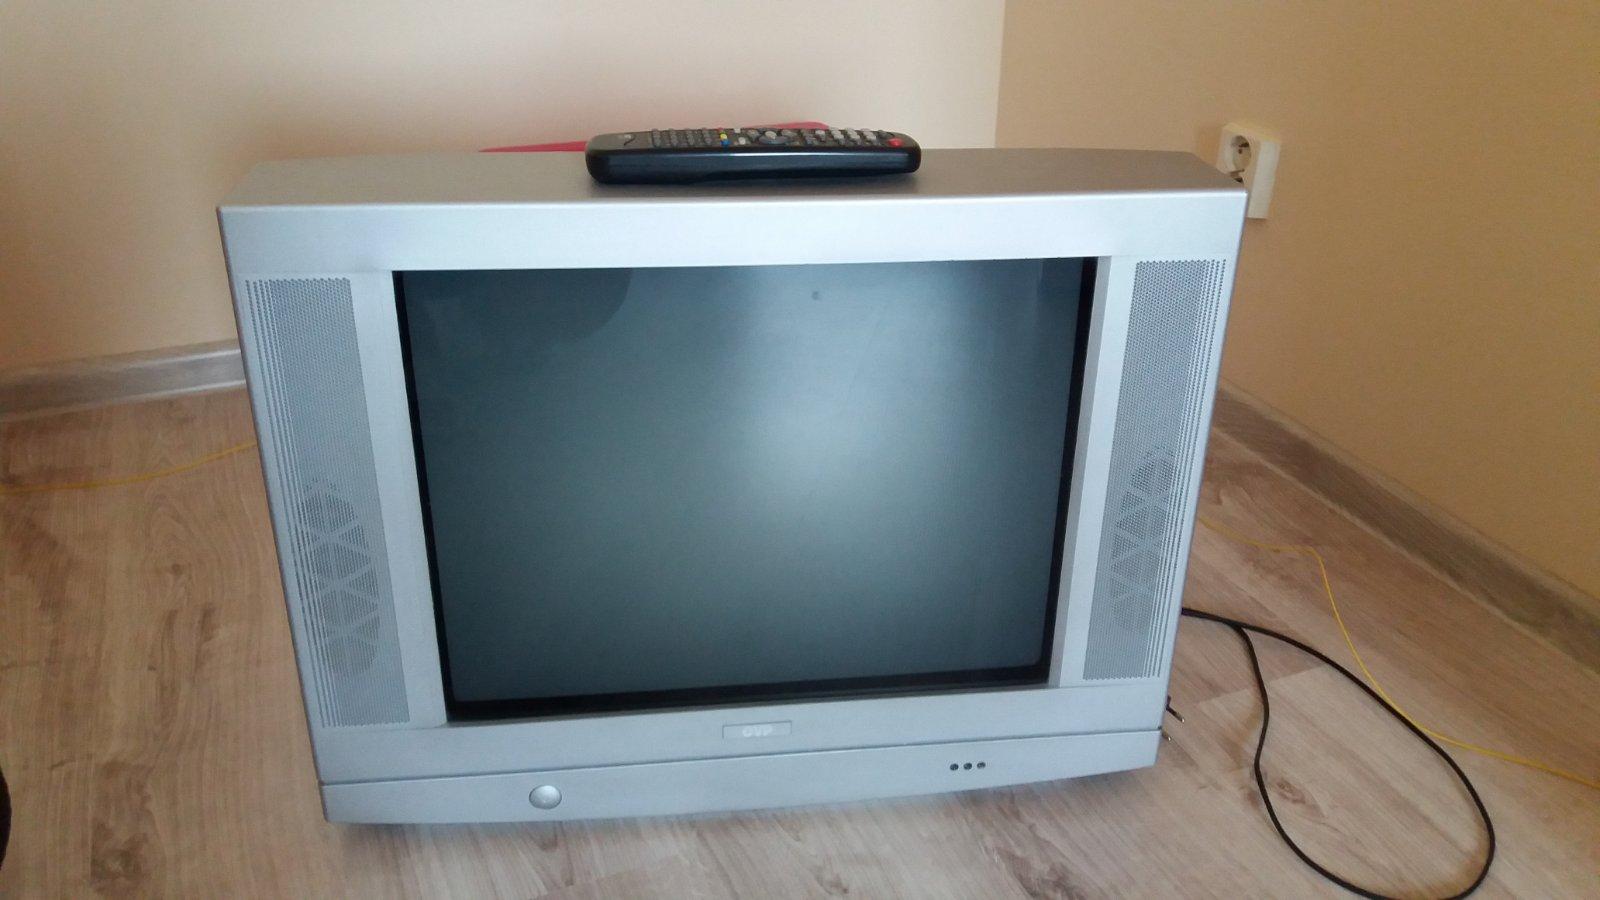 76c3e39b0 Televizor, orava - 15 € od predávajúcej anastazia26   Detský bazár    ModryKonik.sk